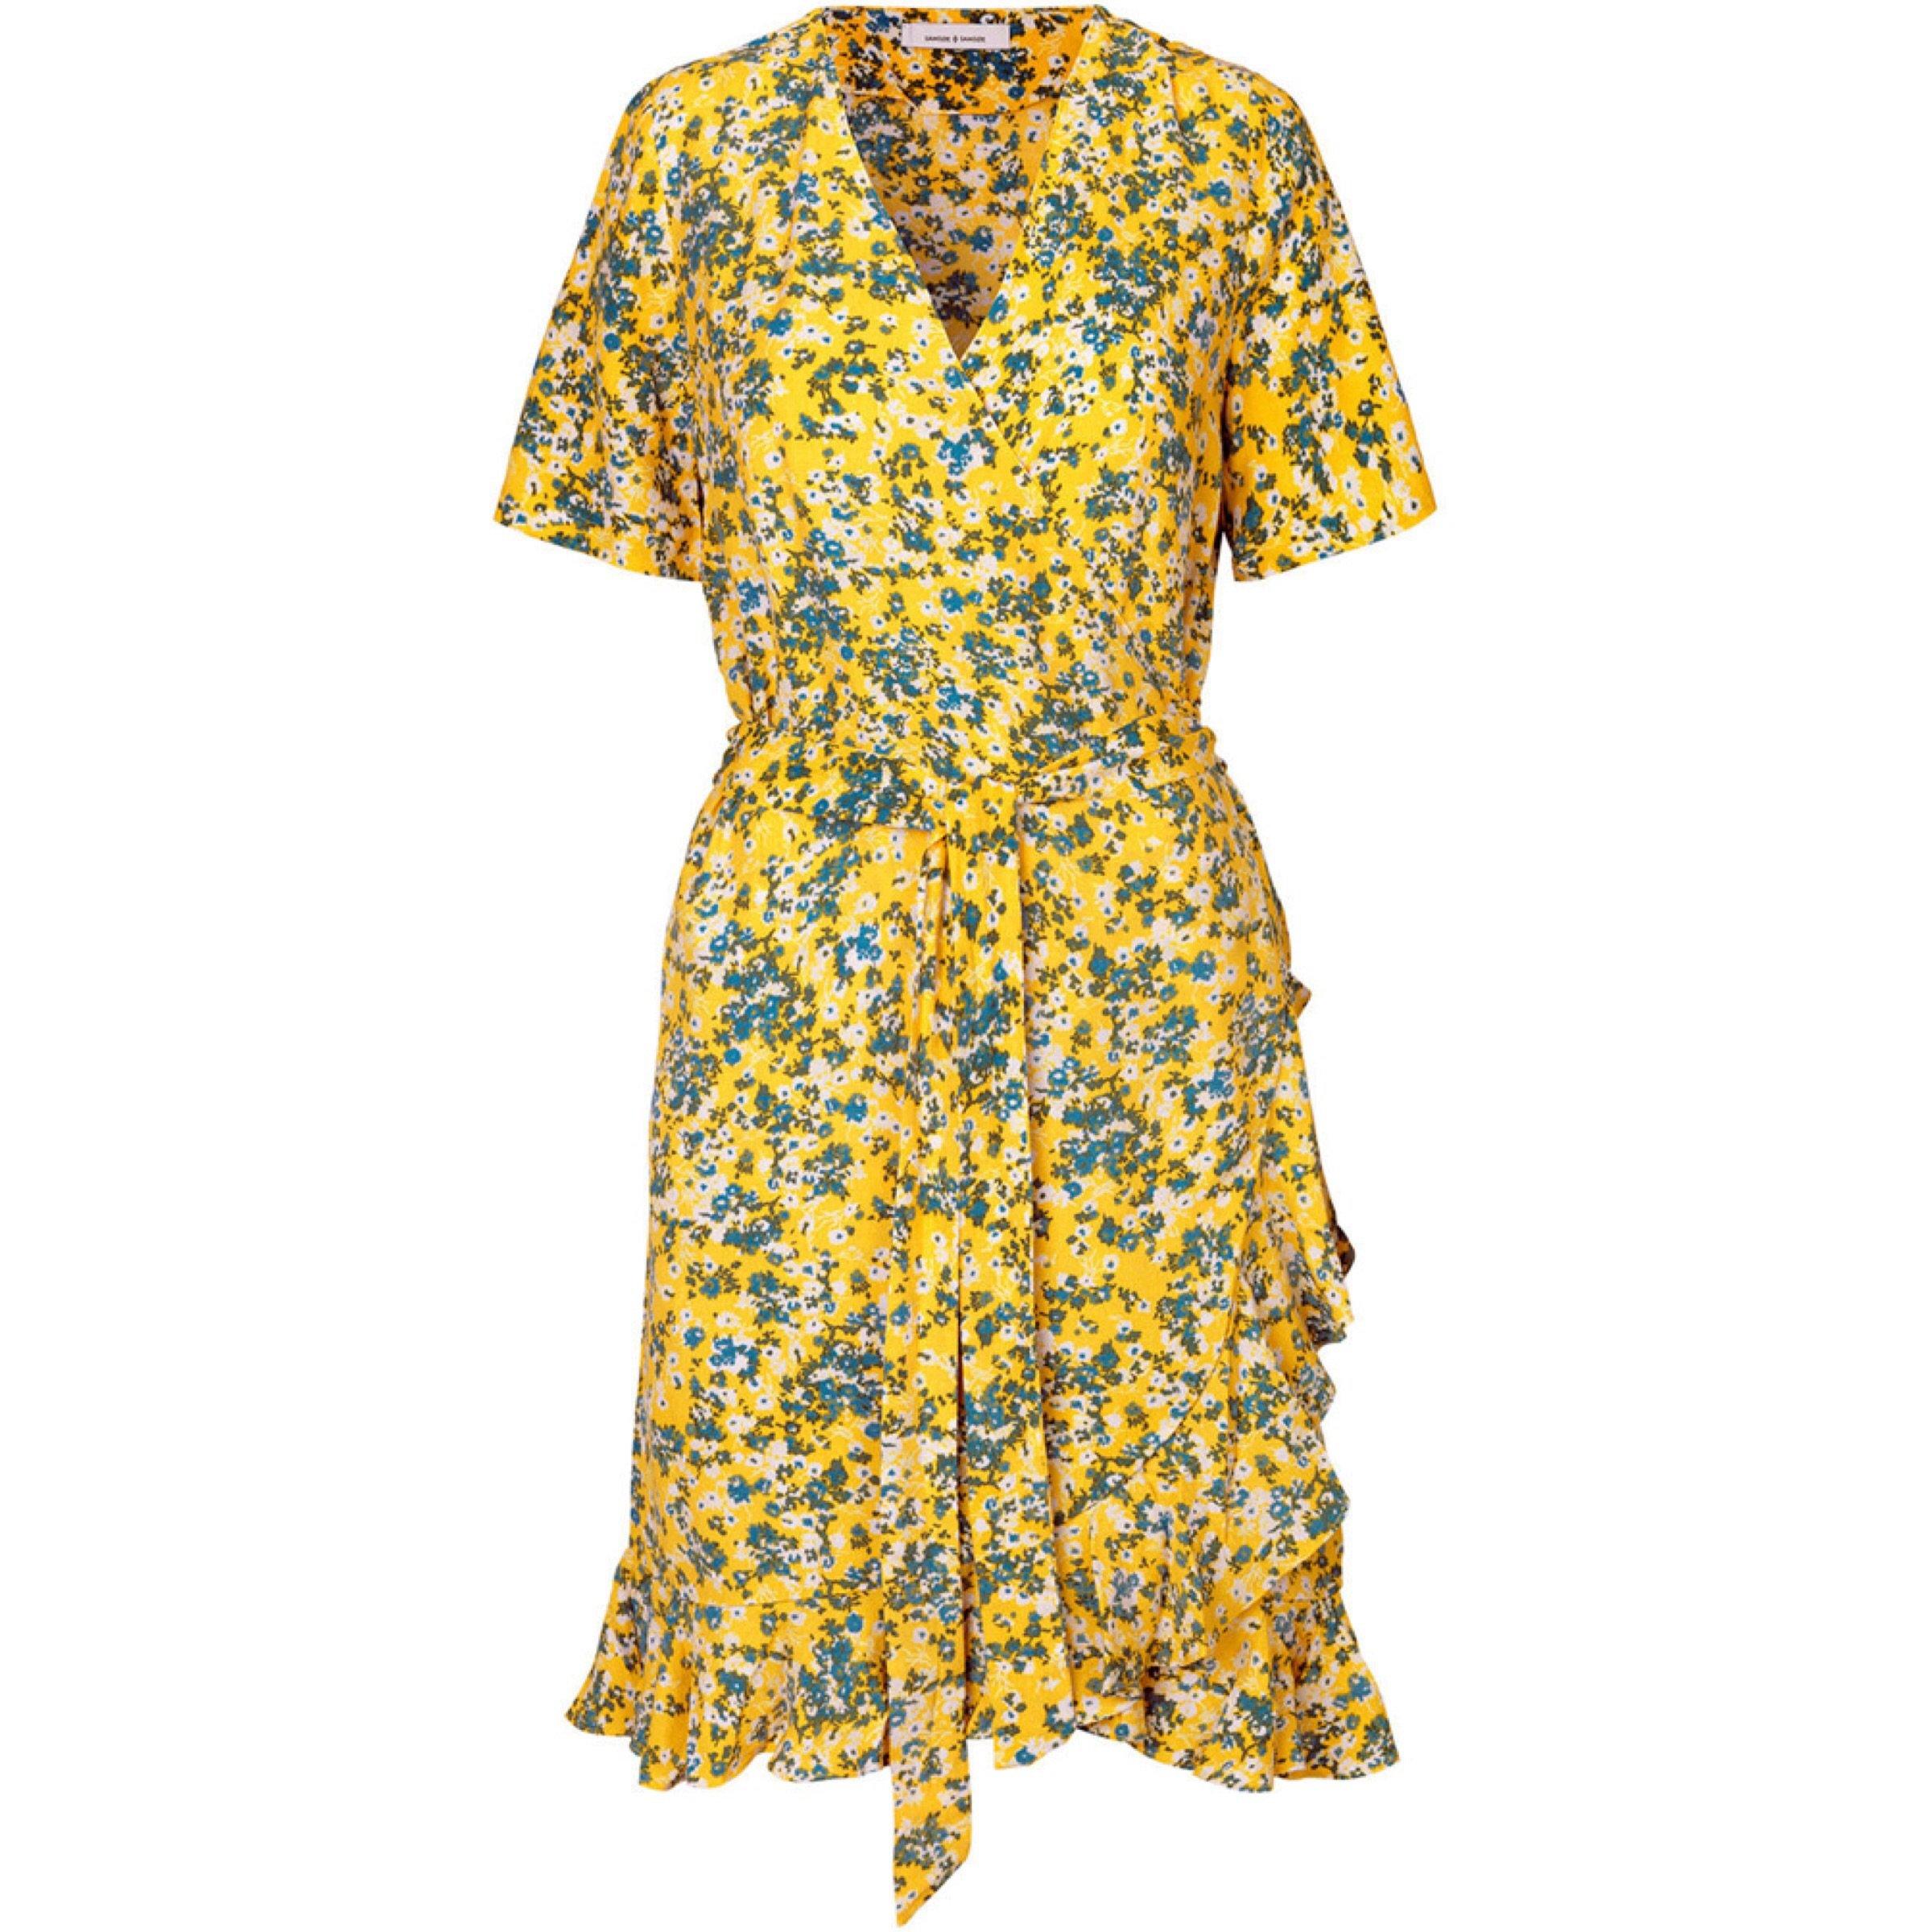 bd923e62 Jayla Dress. DKK 1,383.99. Samsoe Samsoe Jayla Dress